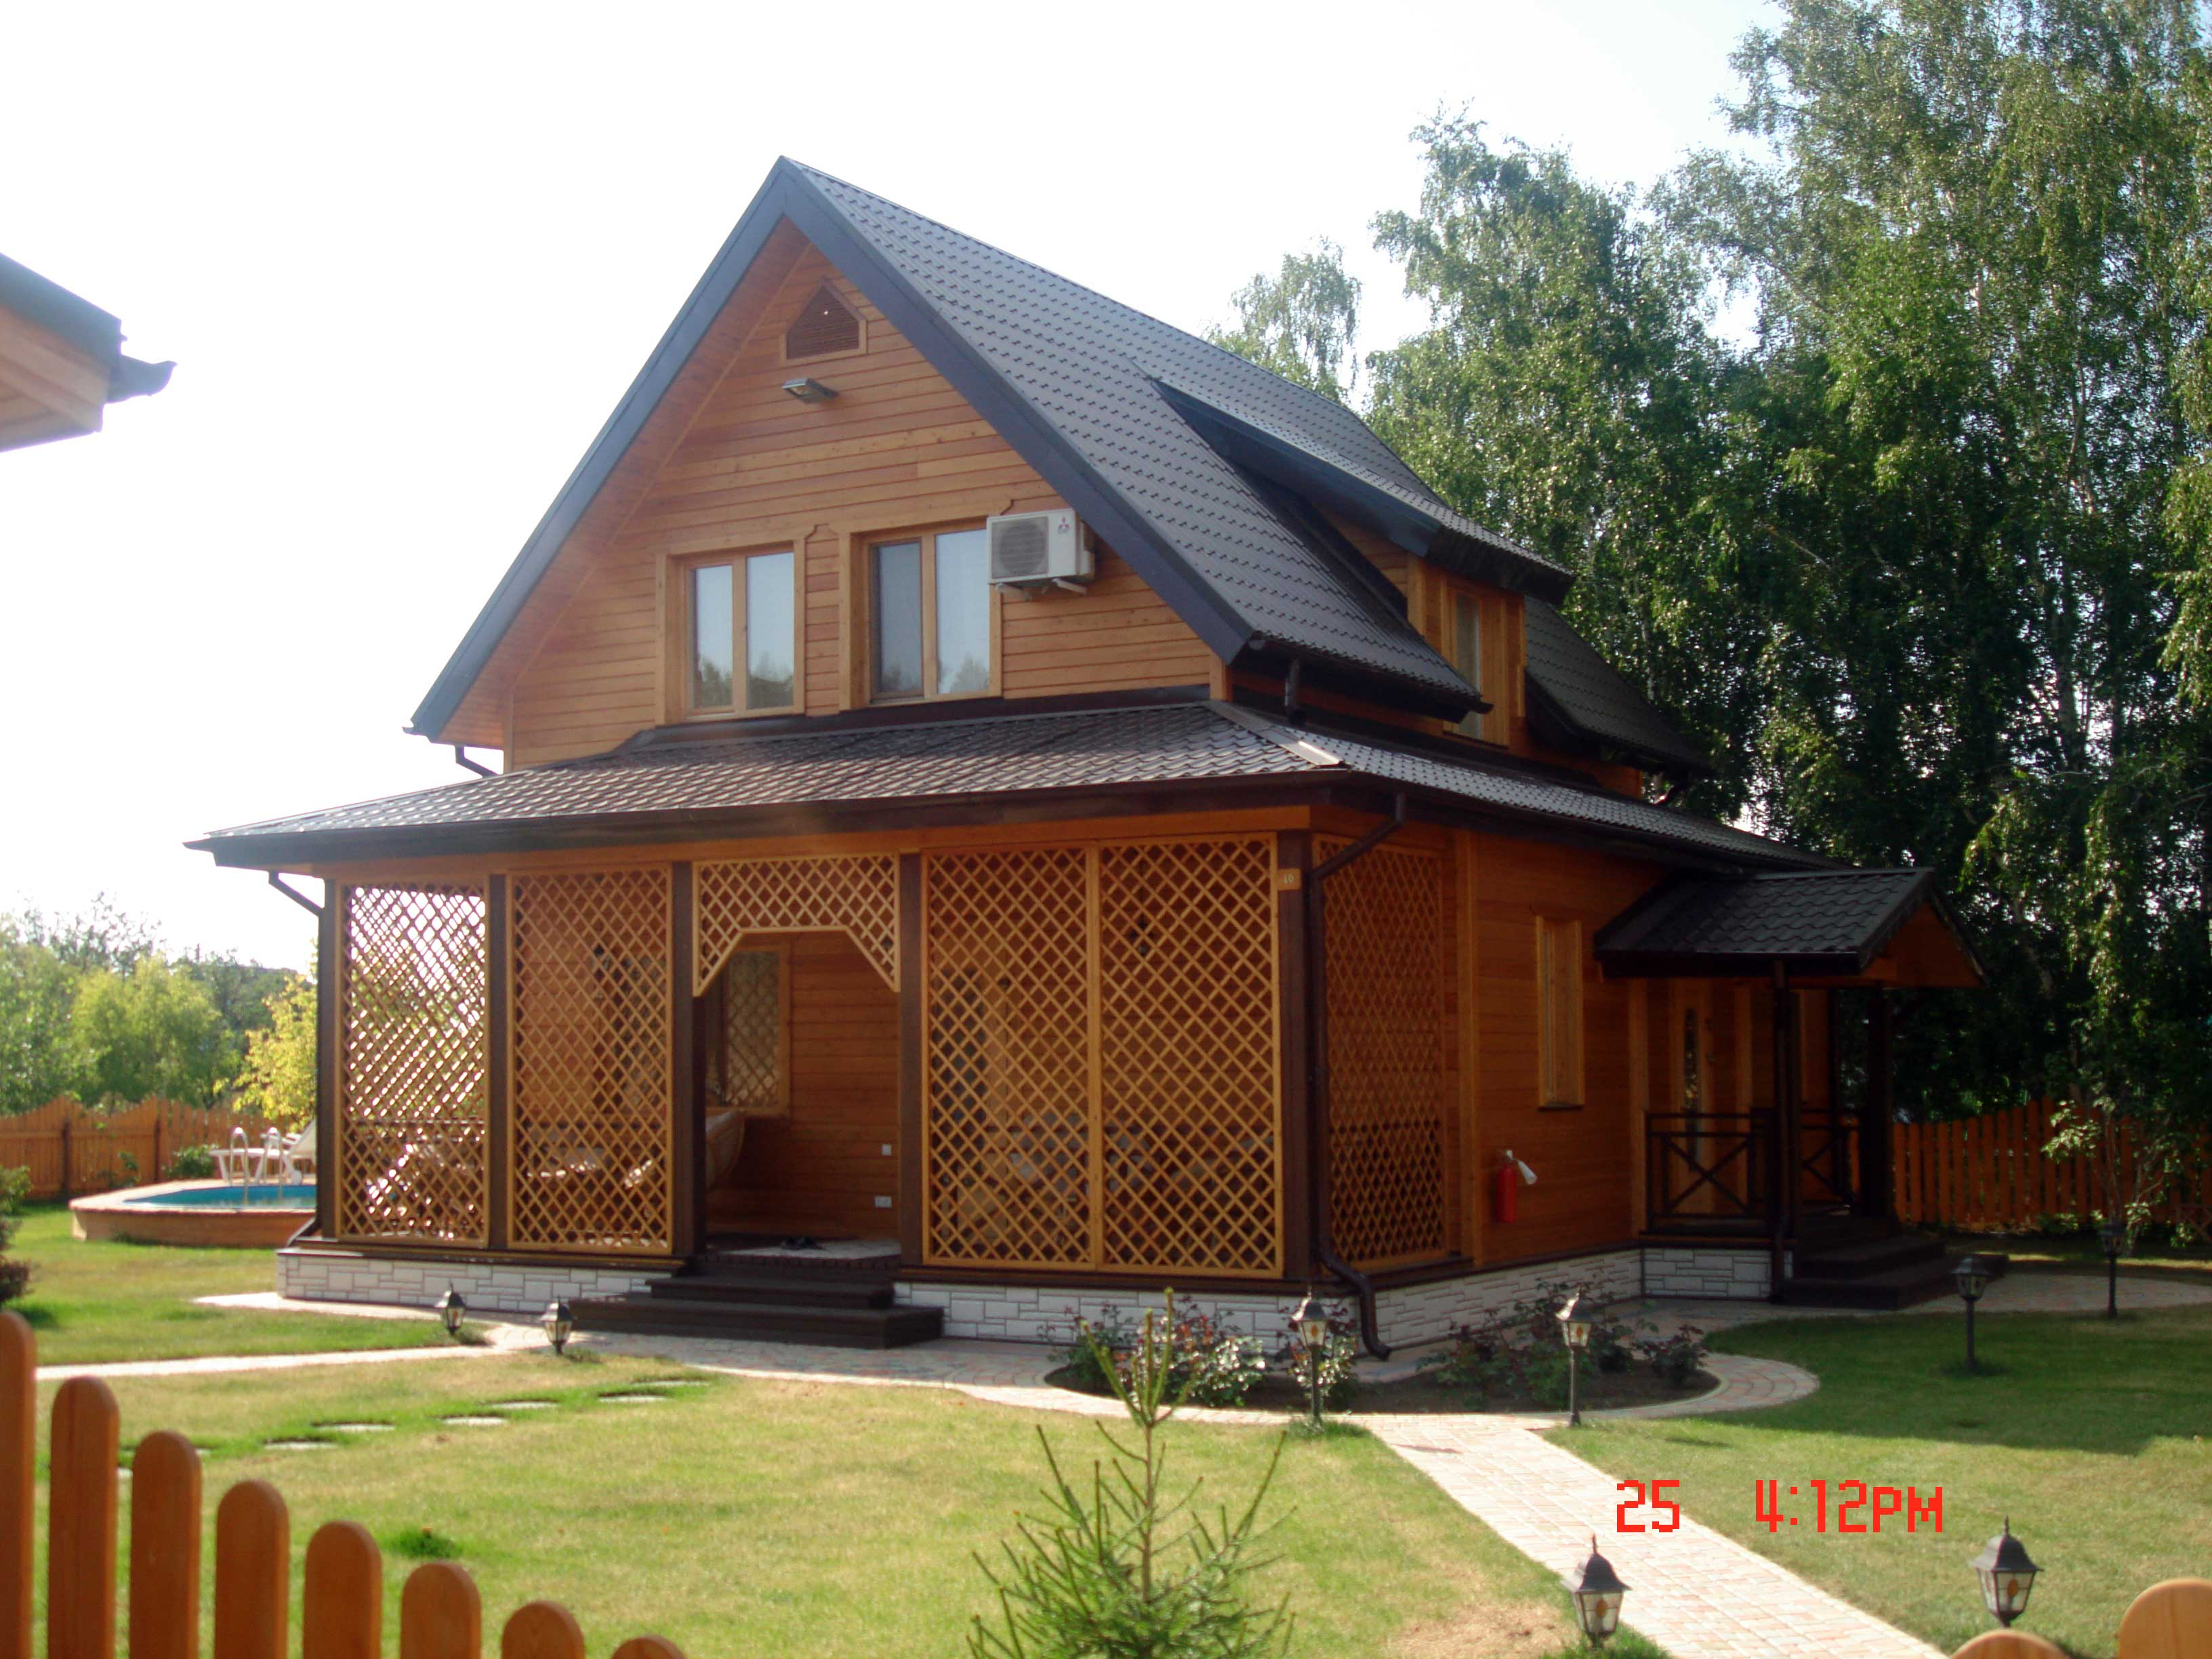 Casa de troncos escuadrados pino silvestre pinus - Casas de madera de pino ...